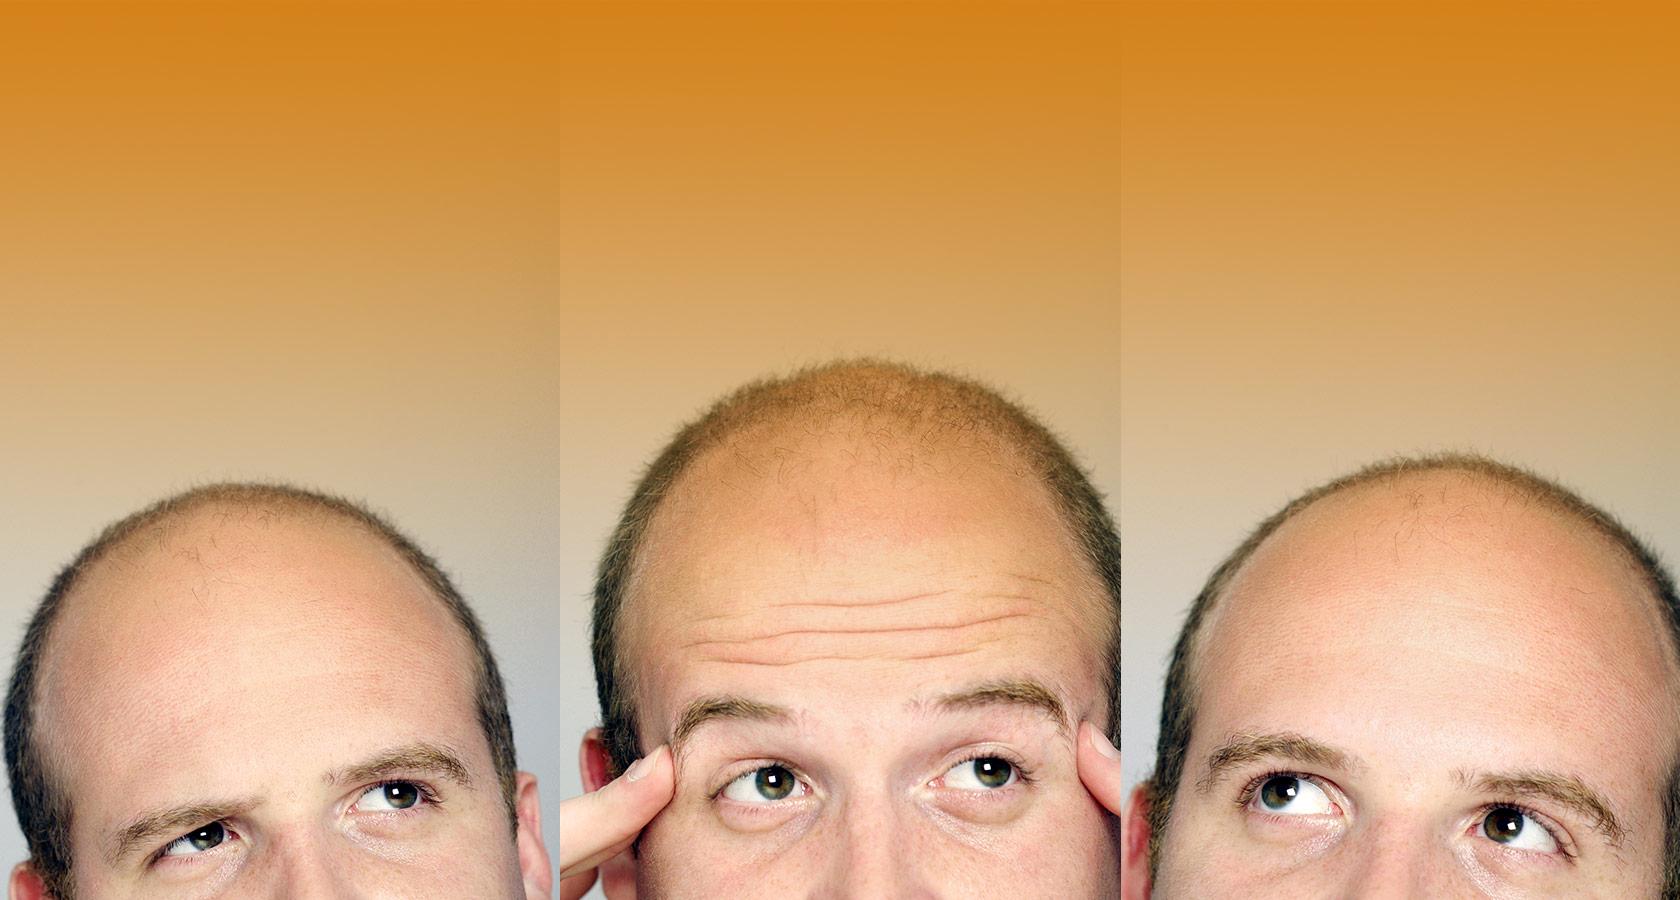 Выпуклый лоб и глаза у ребенка: фото, причины - Головной мозг 99